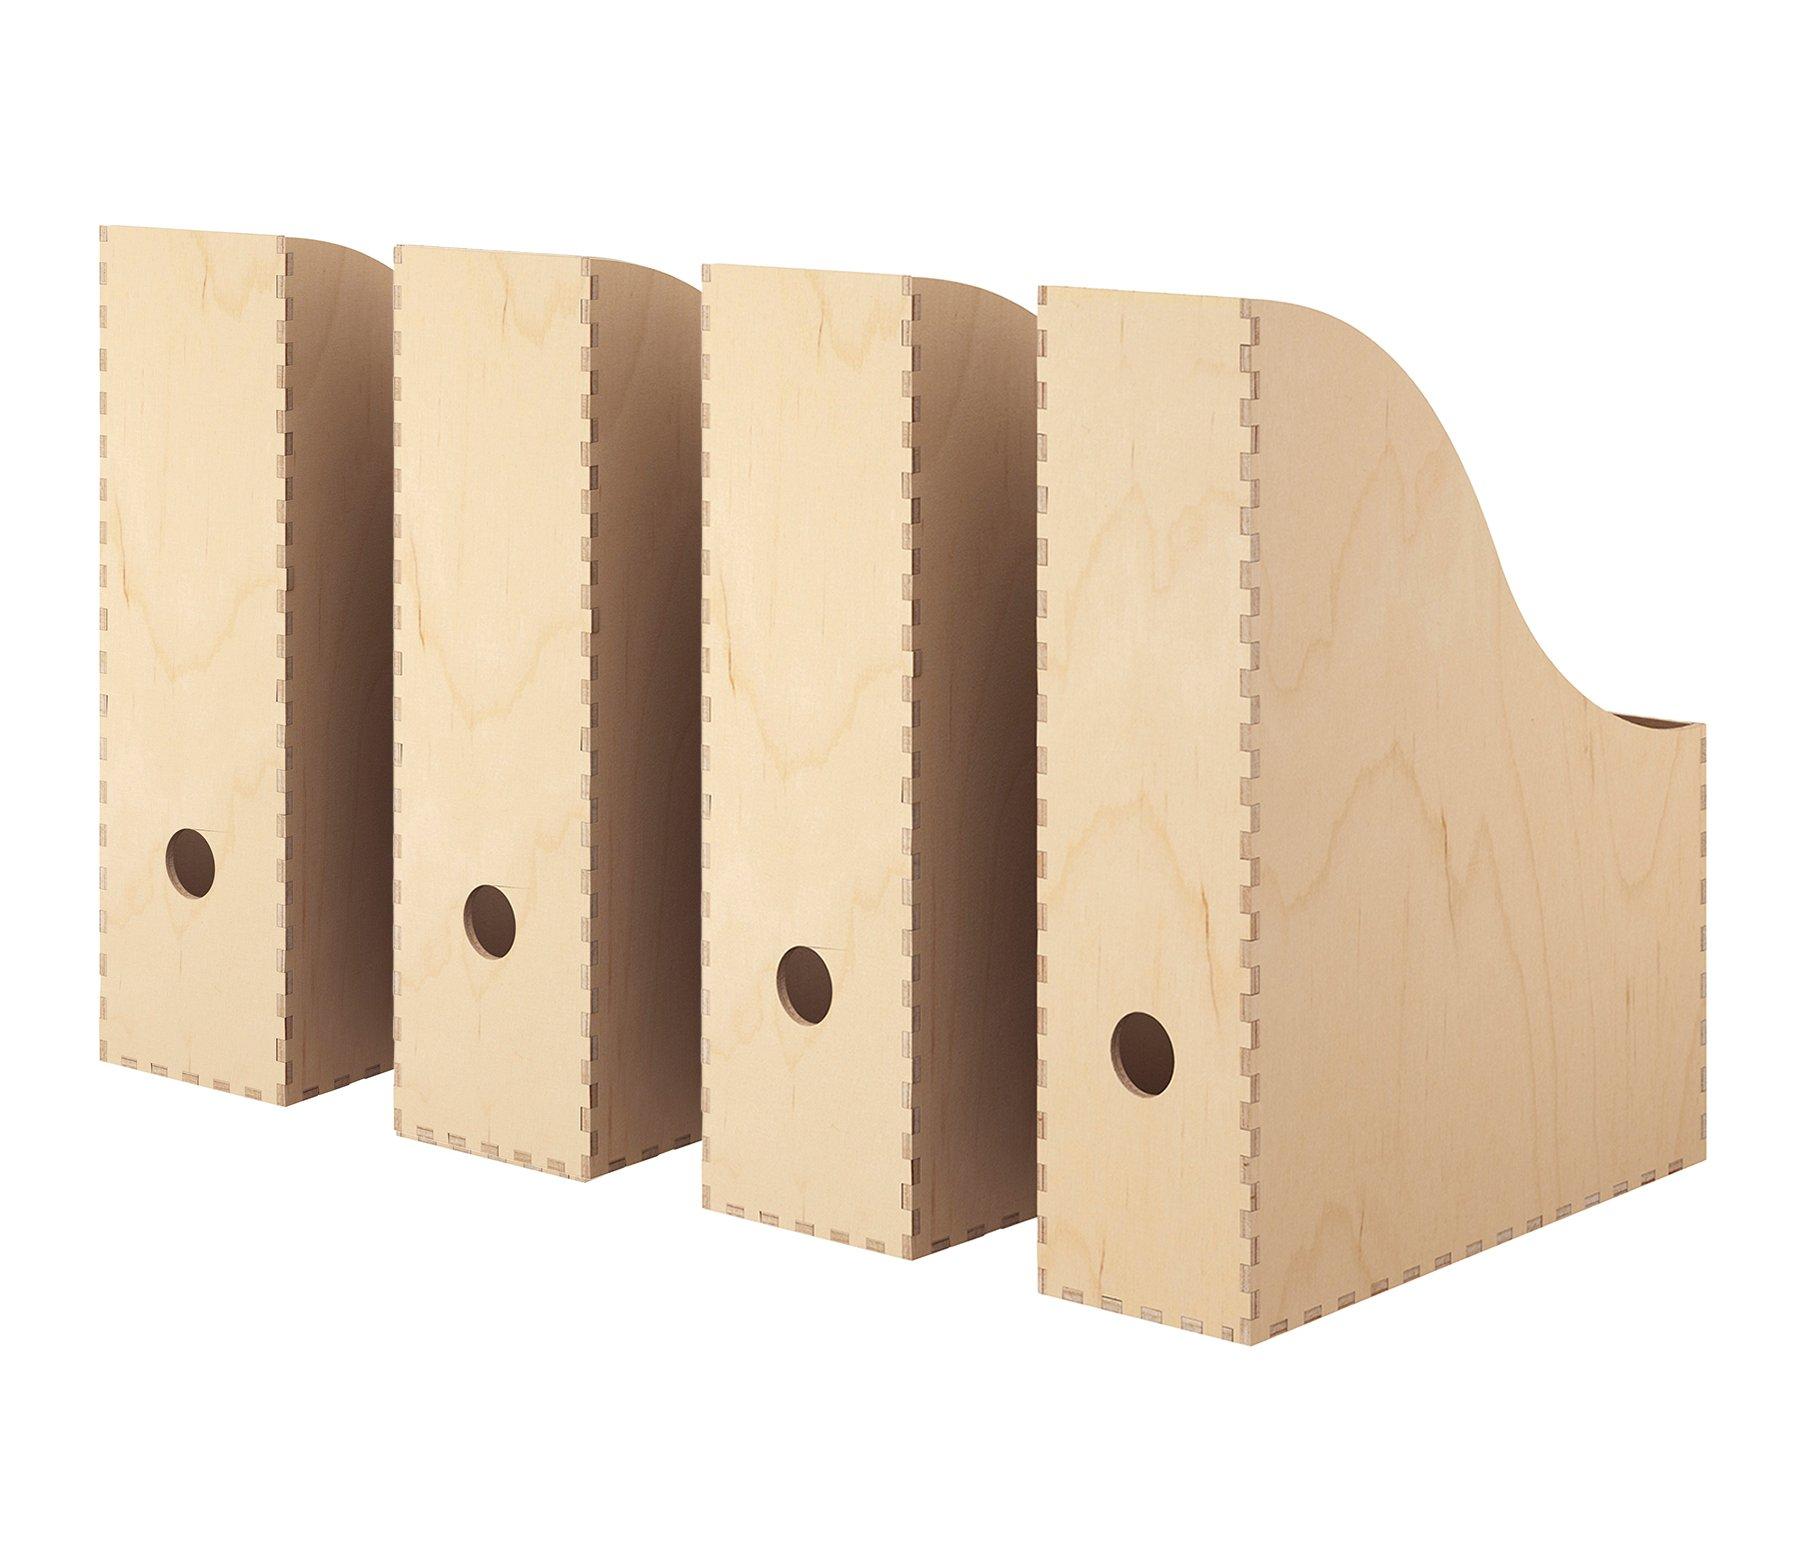 Knuff IKEA revistero, Natural Madera contrachapada de Abedul [Set de 4] para el hogar o la Oficina Libro Accesorio de, Periódicos, Revistas, Papel, Archivo, Almacenamiento: Amazon.es: Hogar